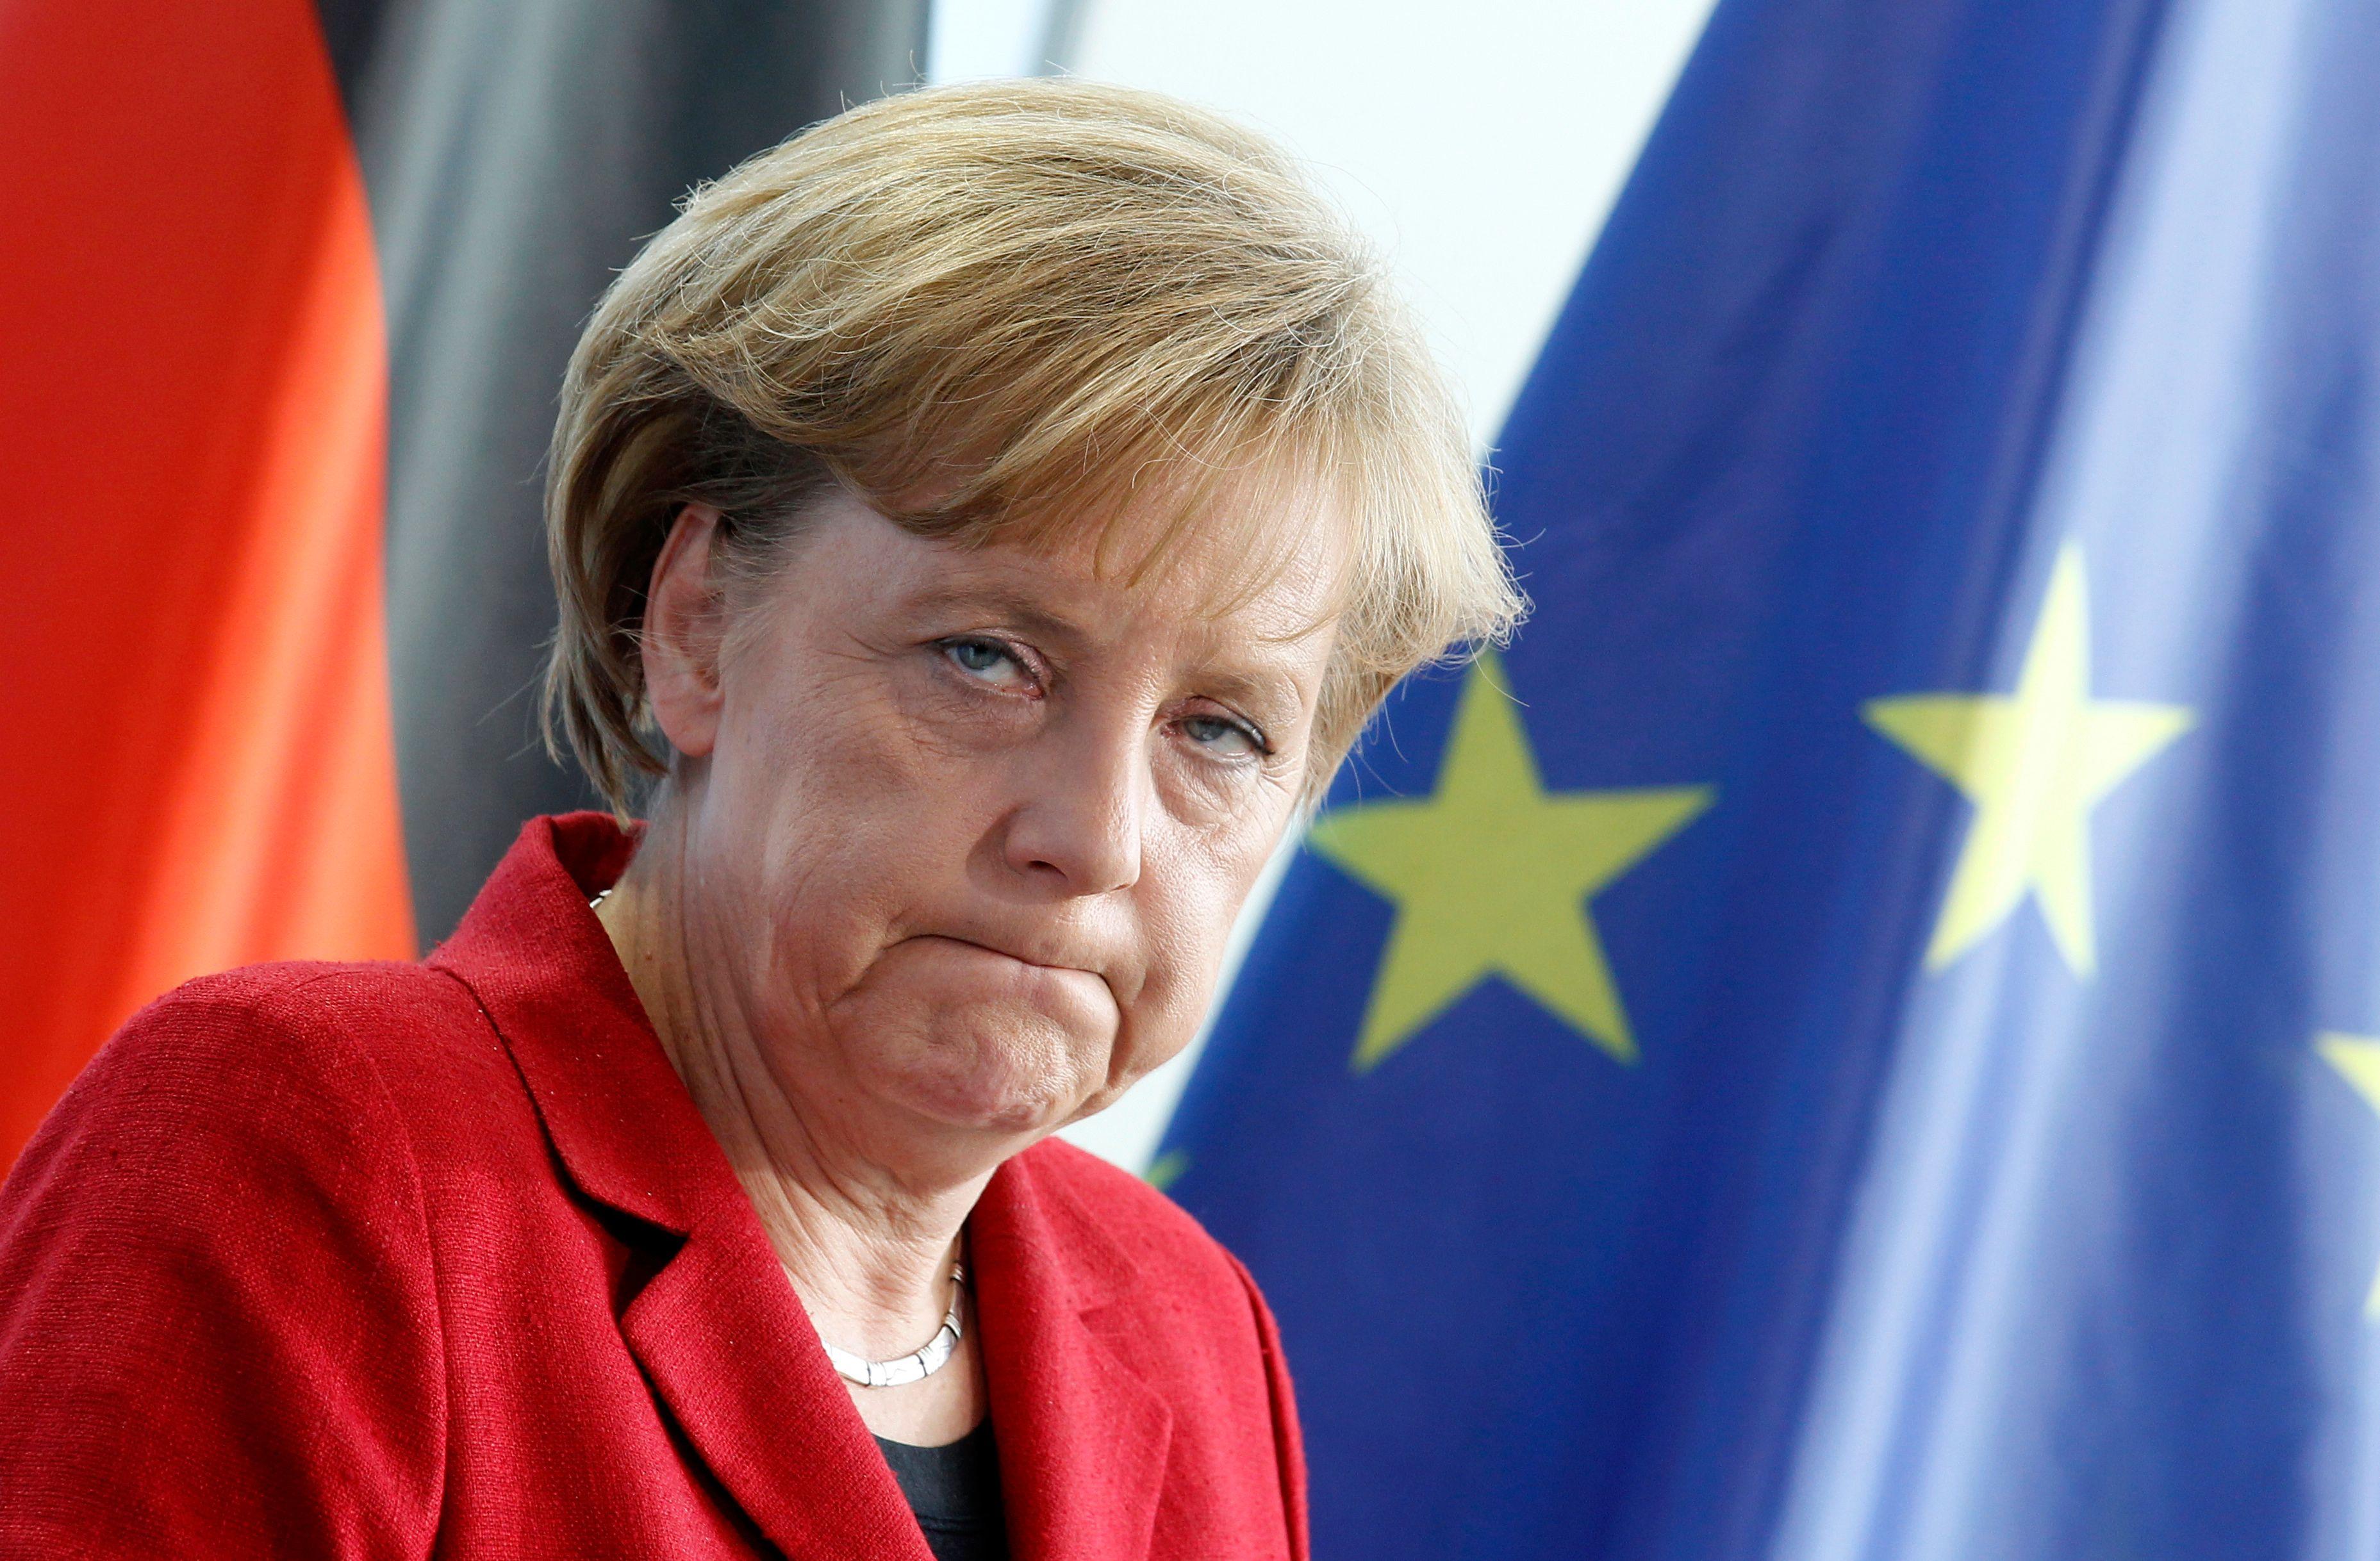 Accusée Allemagne levez-vous : Deutsche Bank en crise, excédents exorbitants, migrants... faut-il condamner ou acquitter Berlin ?